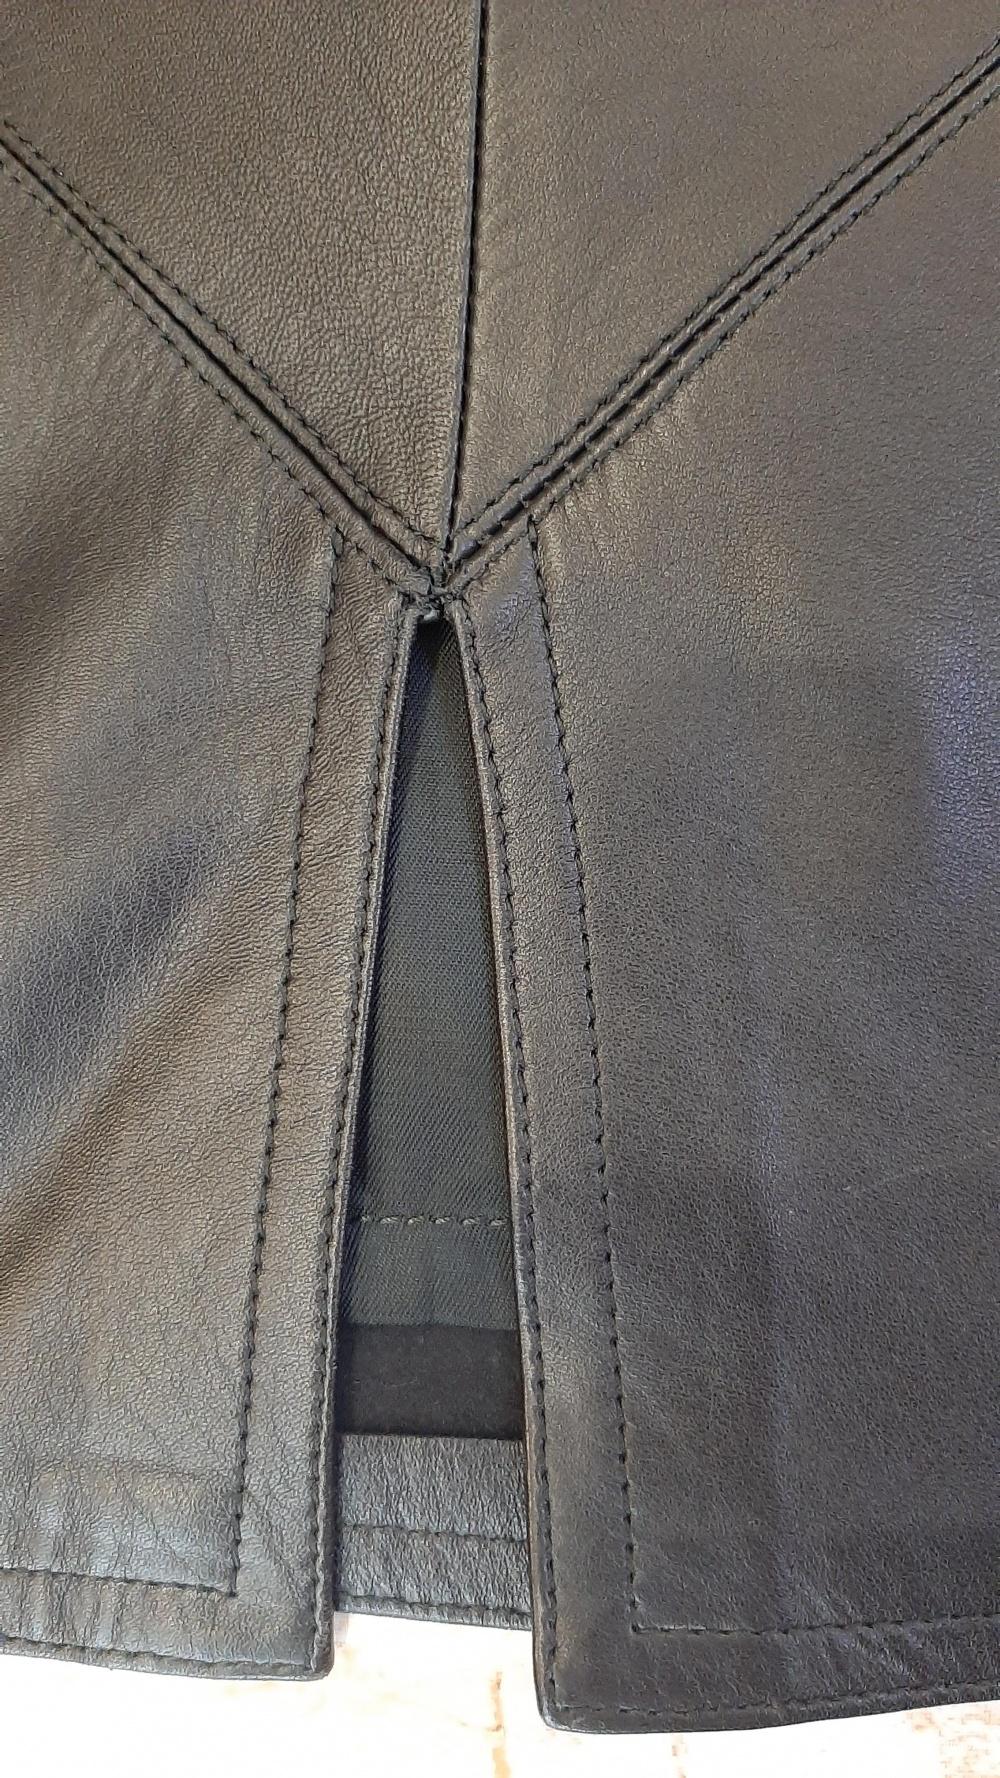 Кожаная юбка Италия 44 размер